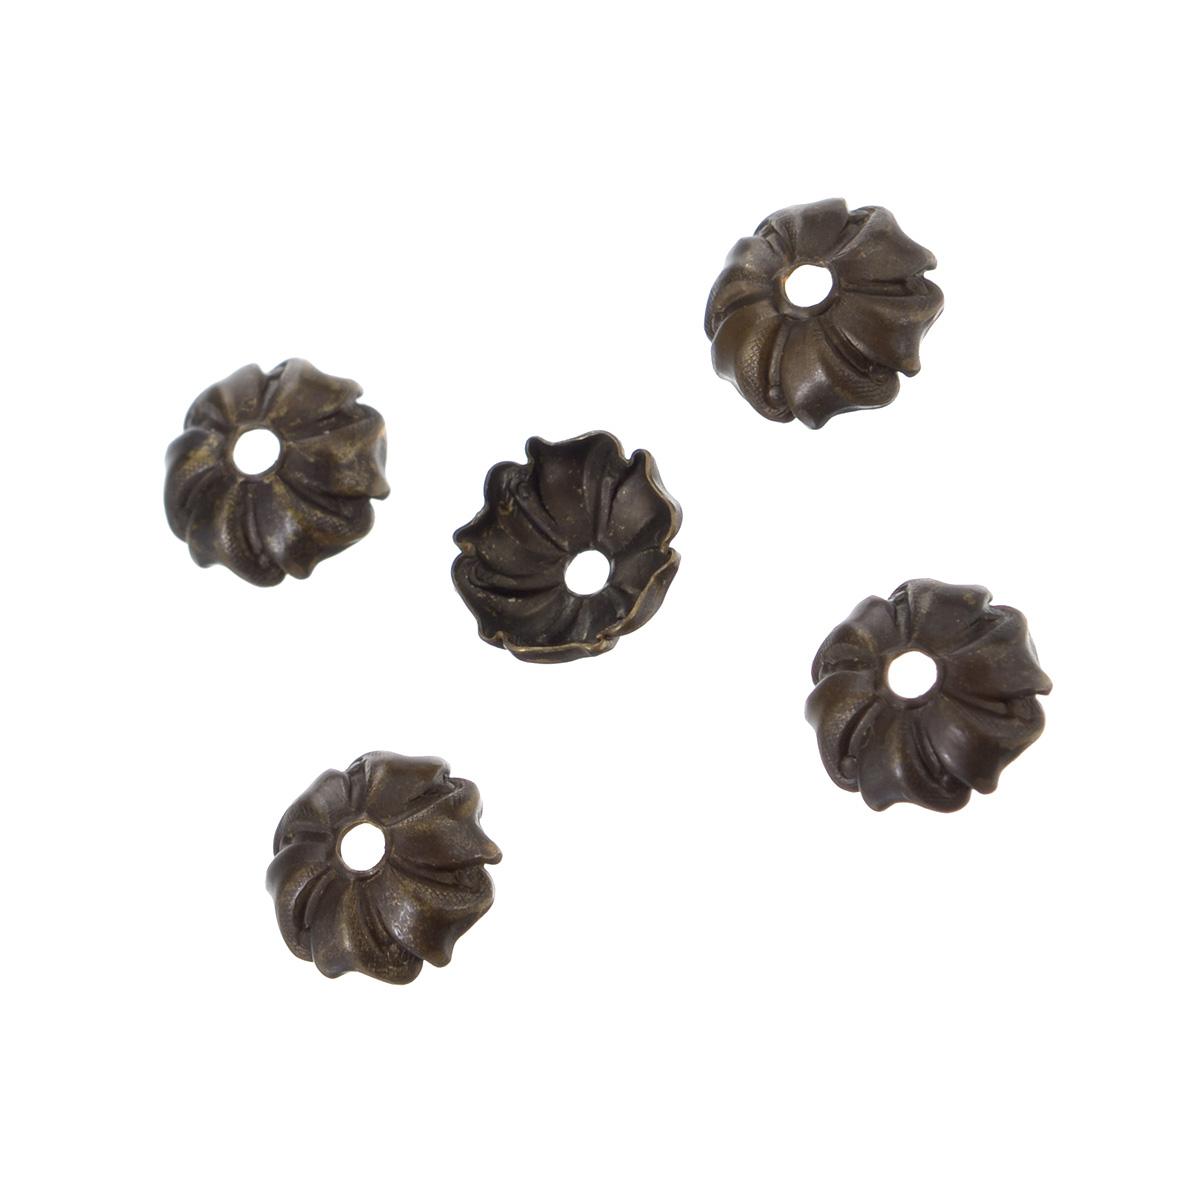 Шапочка для бусин Vintaj Вертушка, диаметр 7,5 мм, 5 штBC0005RRНабор Vintaj Вертушка, изготовленный из металла, состоит из 5 шапочек для бусин. Набор позволит вам своими руками создать оригинальные ожерелья, бусы или браслеты. Шапочки обрамляют бусины и придают законченный красивый вид изделию. Их можно крепить как с одной, так и с обеих сторон бусины. Это прекрасная фурнитура для создания бижутерии. Изготовление украшений - занимательное хобби и реализация творческих способностей рукодельницы, это возможность создания неповторимого индивидуального подарка. Диаметр шапочки: 7,5 мм.